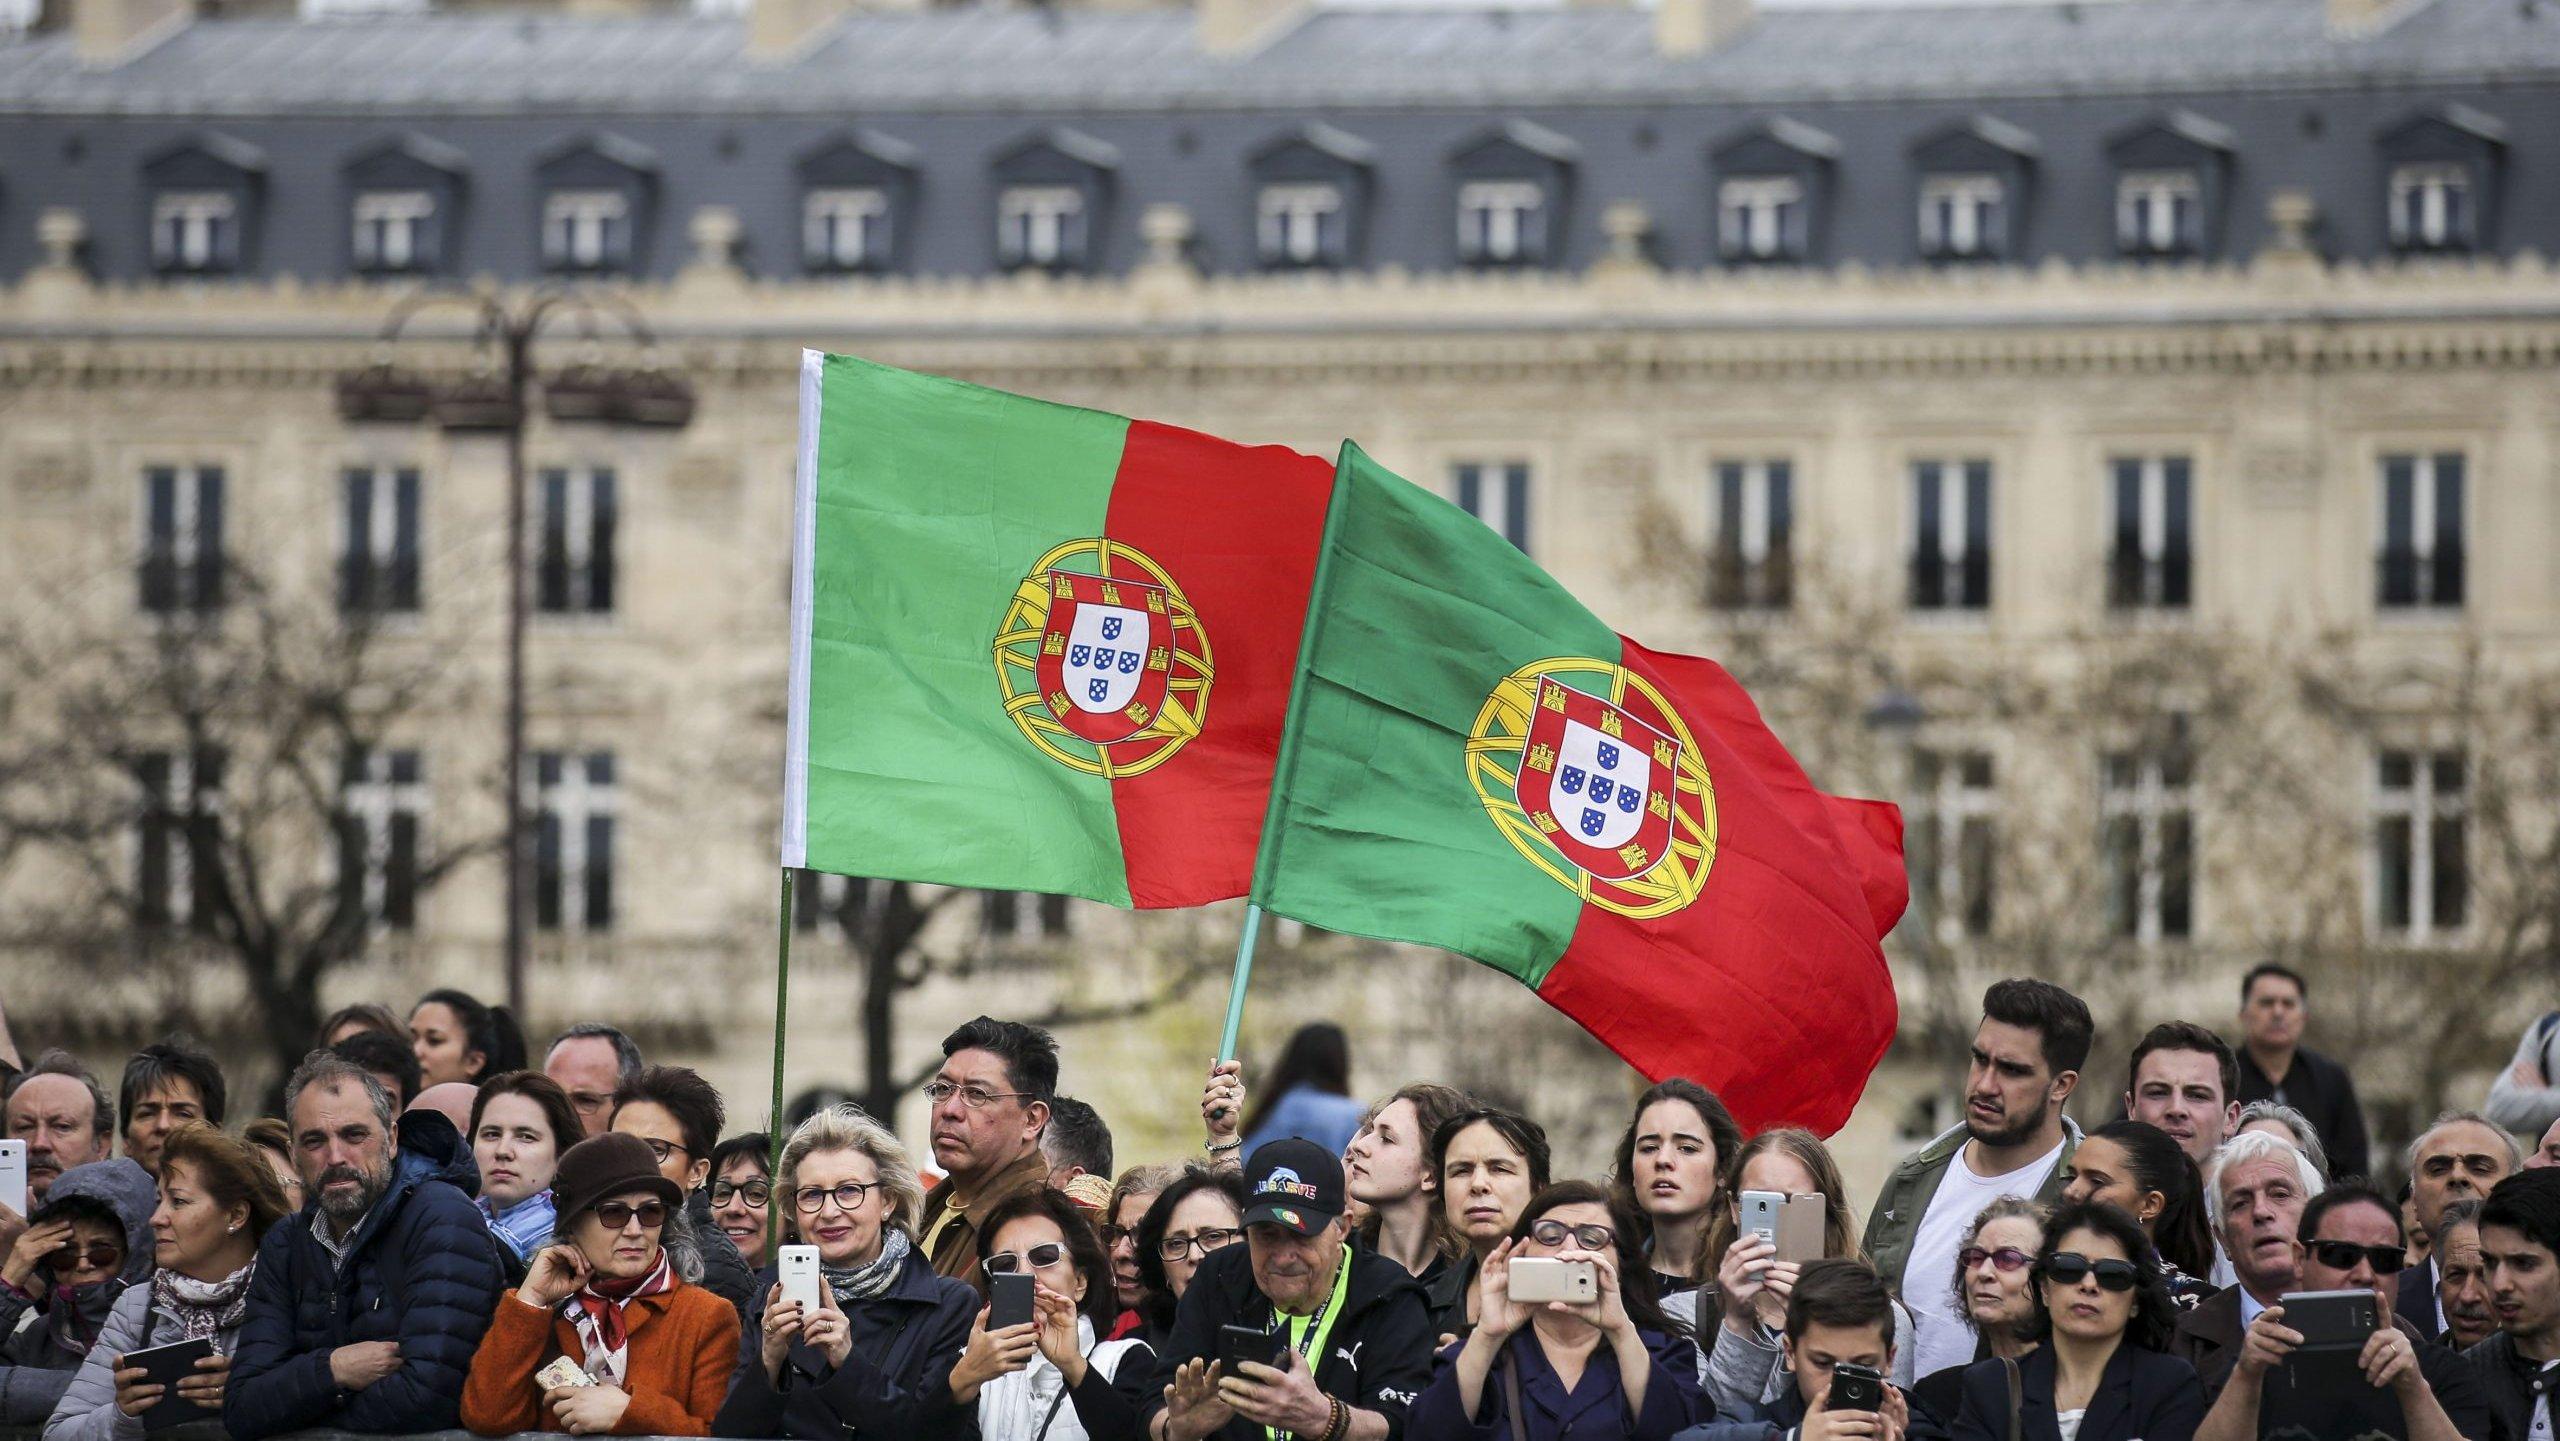 Emigrantes portugueses assistem à Cerimónia Militar de Homenagem ao Soldado Desconhecido Francês no âmbito das Comemorações do Centenário da Batalha de La Lys, no Arco do Triunfo em Paris, França, 8 de abril de 2018. MÁRIO CRUZ/LUSA